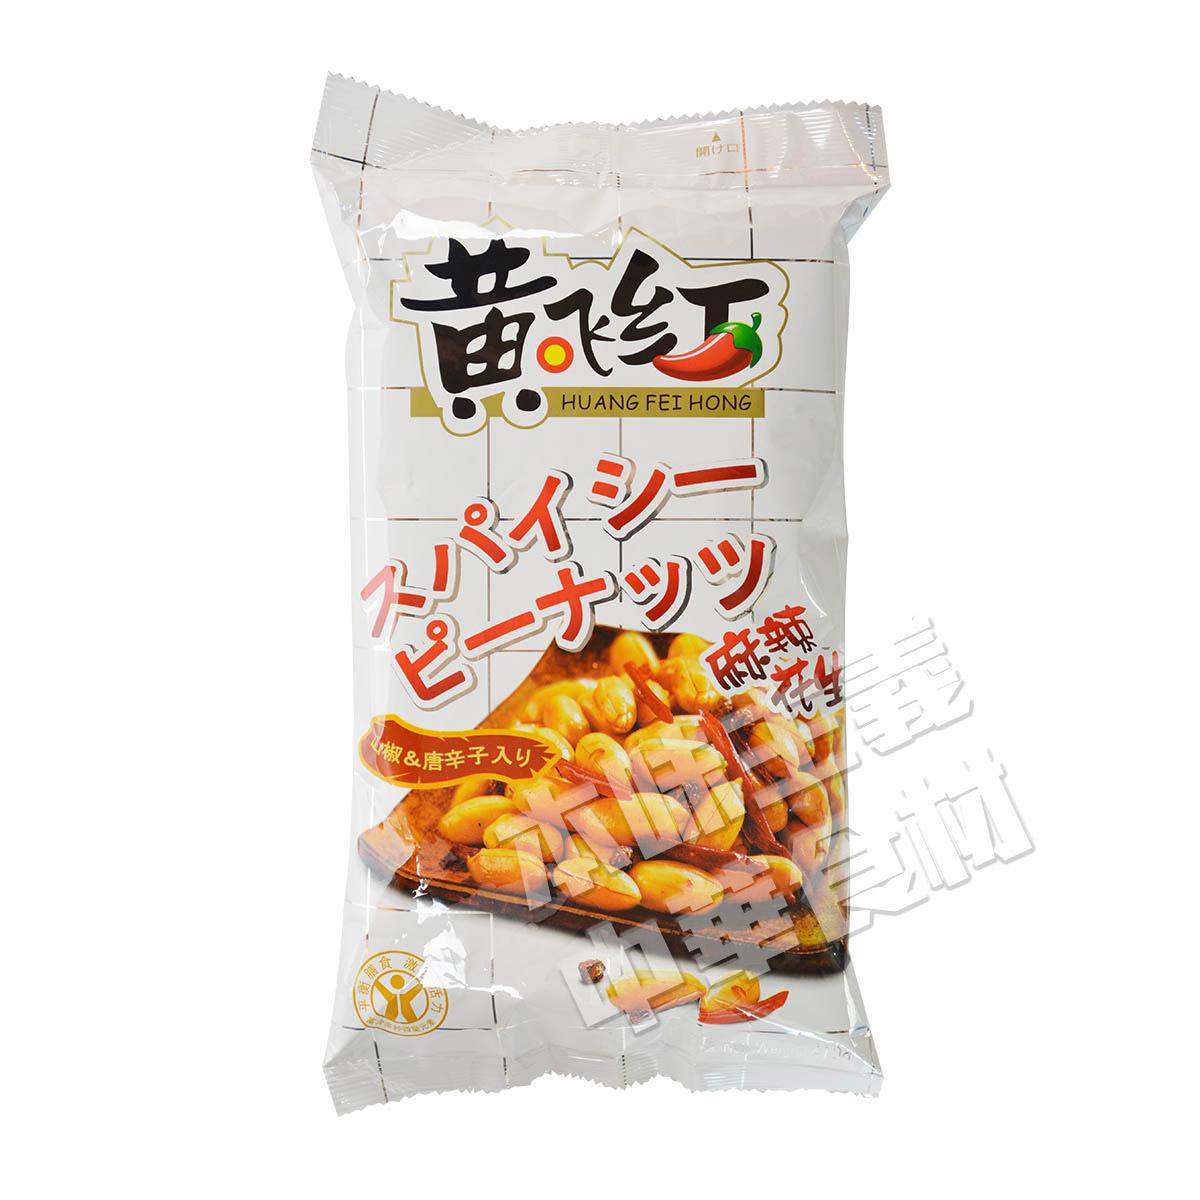 黄飛紅麻辣花生(辛口スパイシーピーナッツ)410g 中国人気商品・食欲アップ菓子・酒の肴・おつまみ